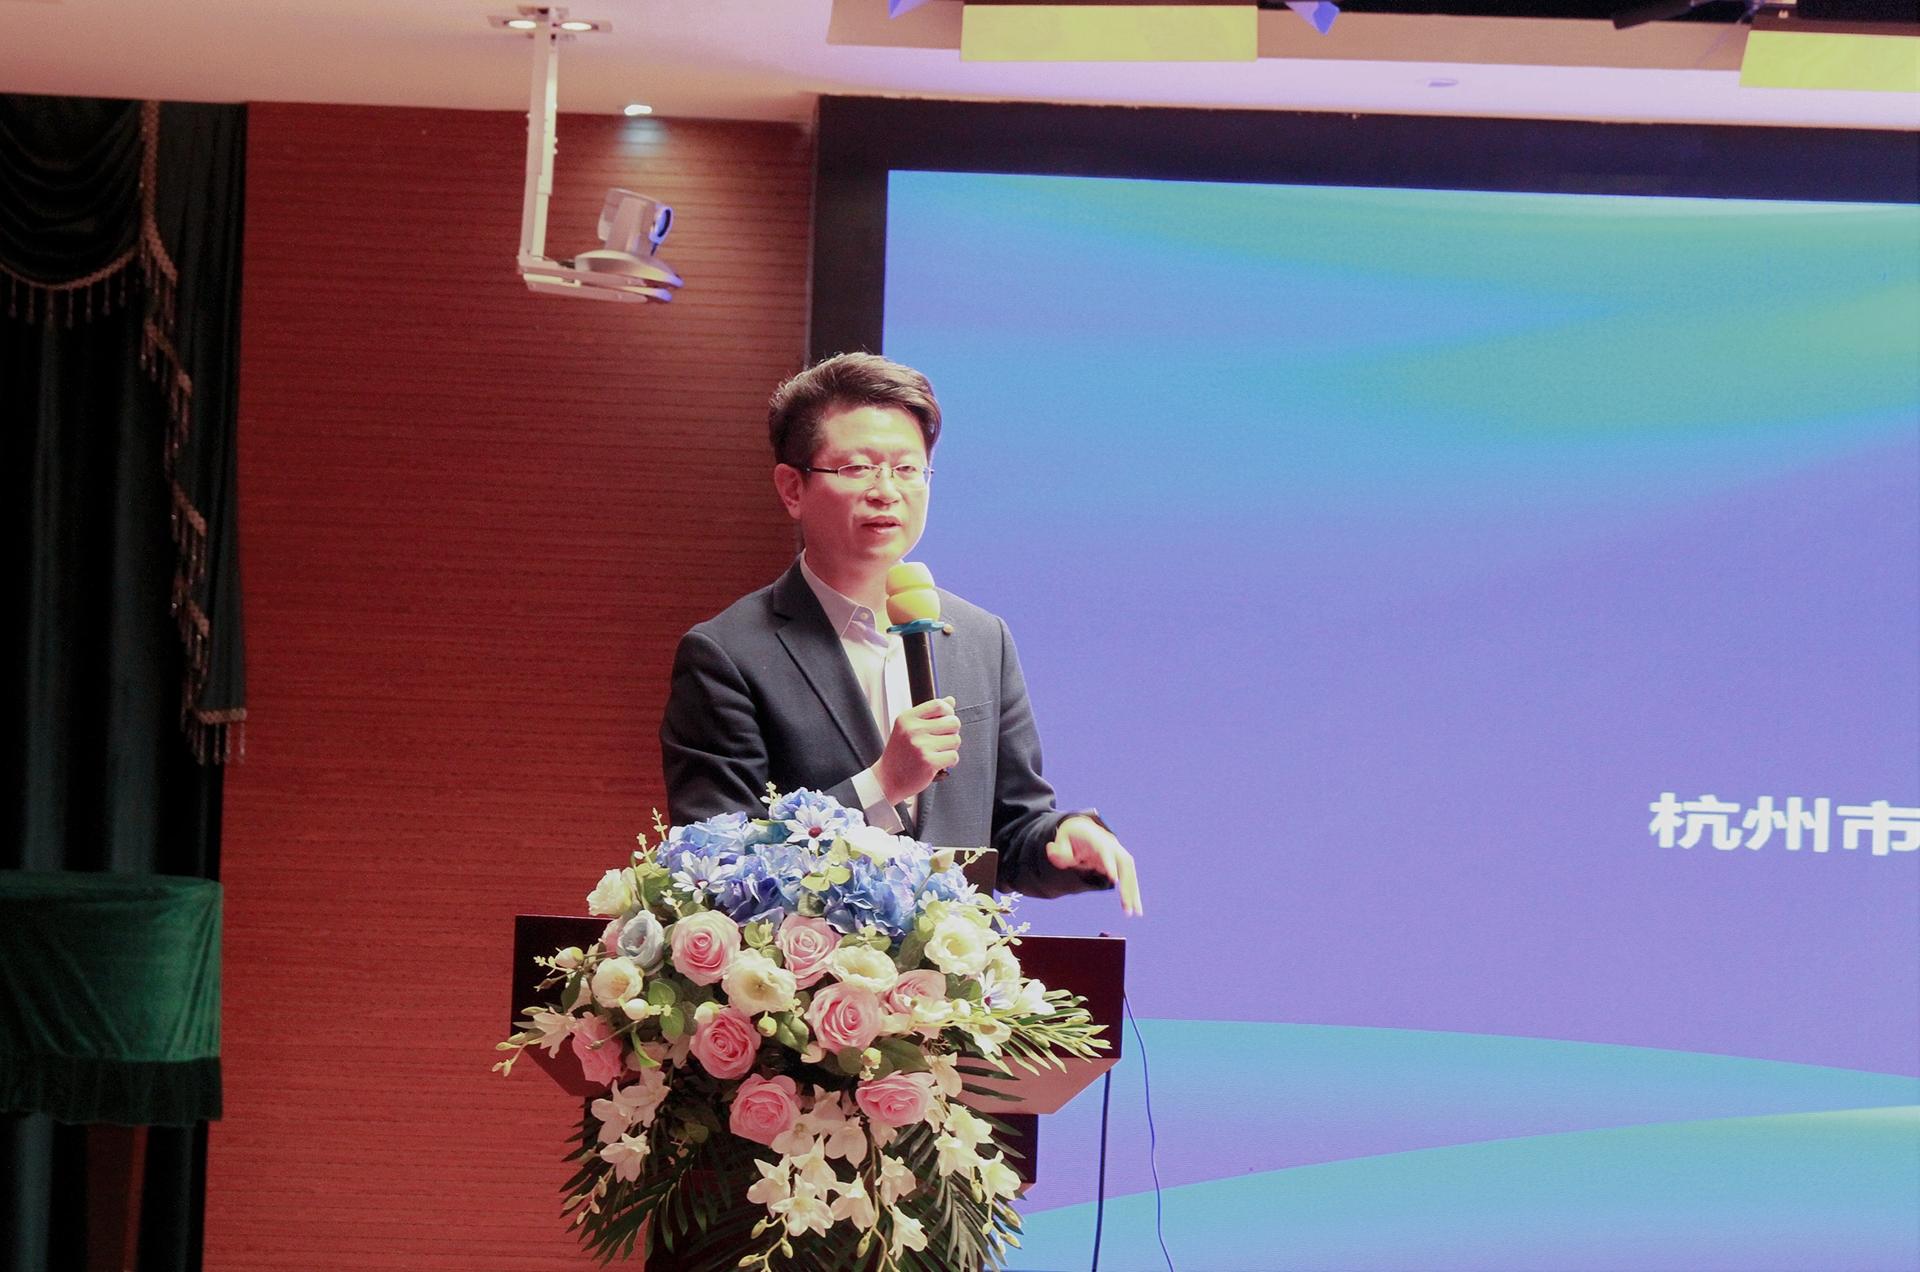 杭州市上城区教育局党委书记、局长项海刚在致辞中感谢项目组把本次成果推广培训放到上城。